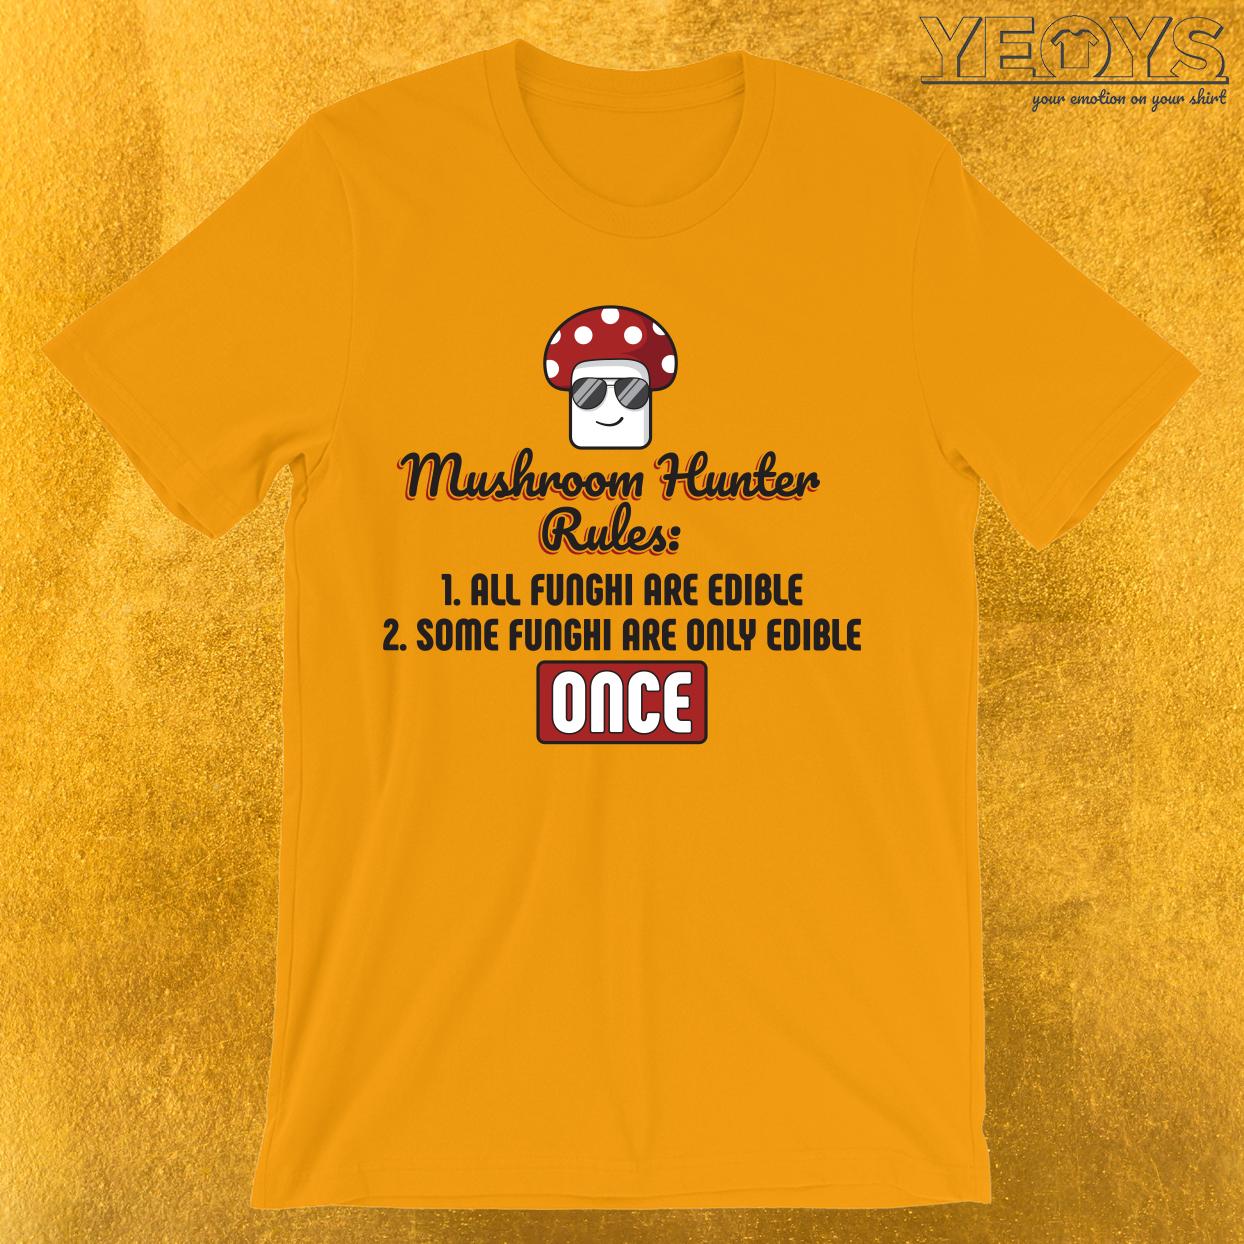 Mushroom Hunter Rules Edible Funghi T-Shirt